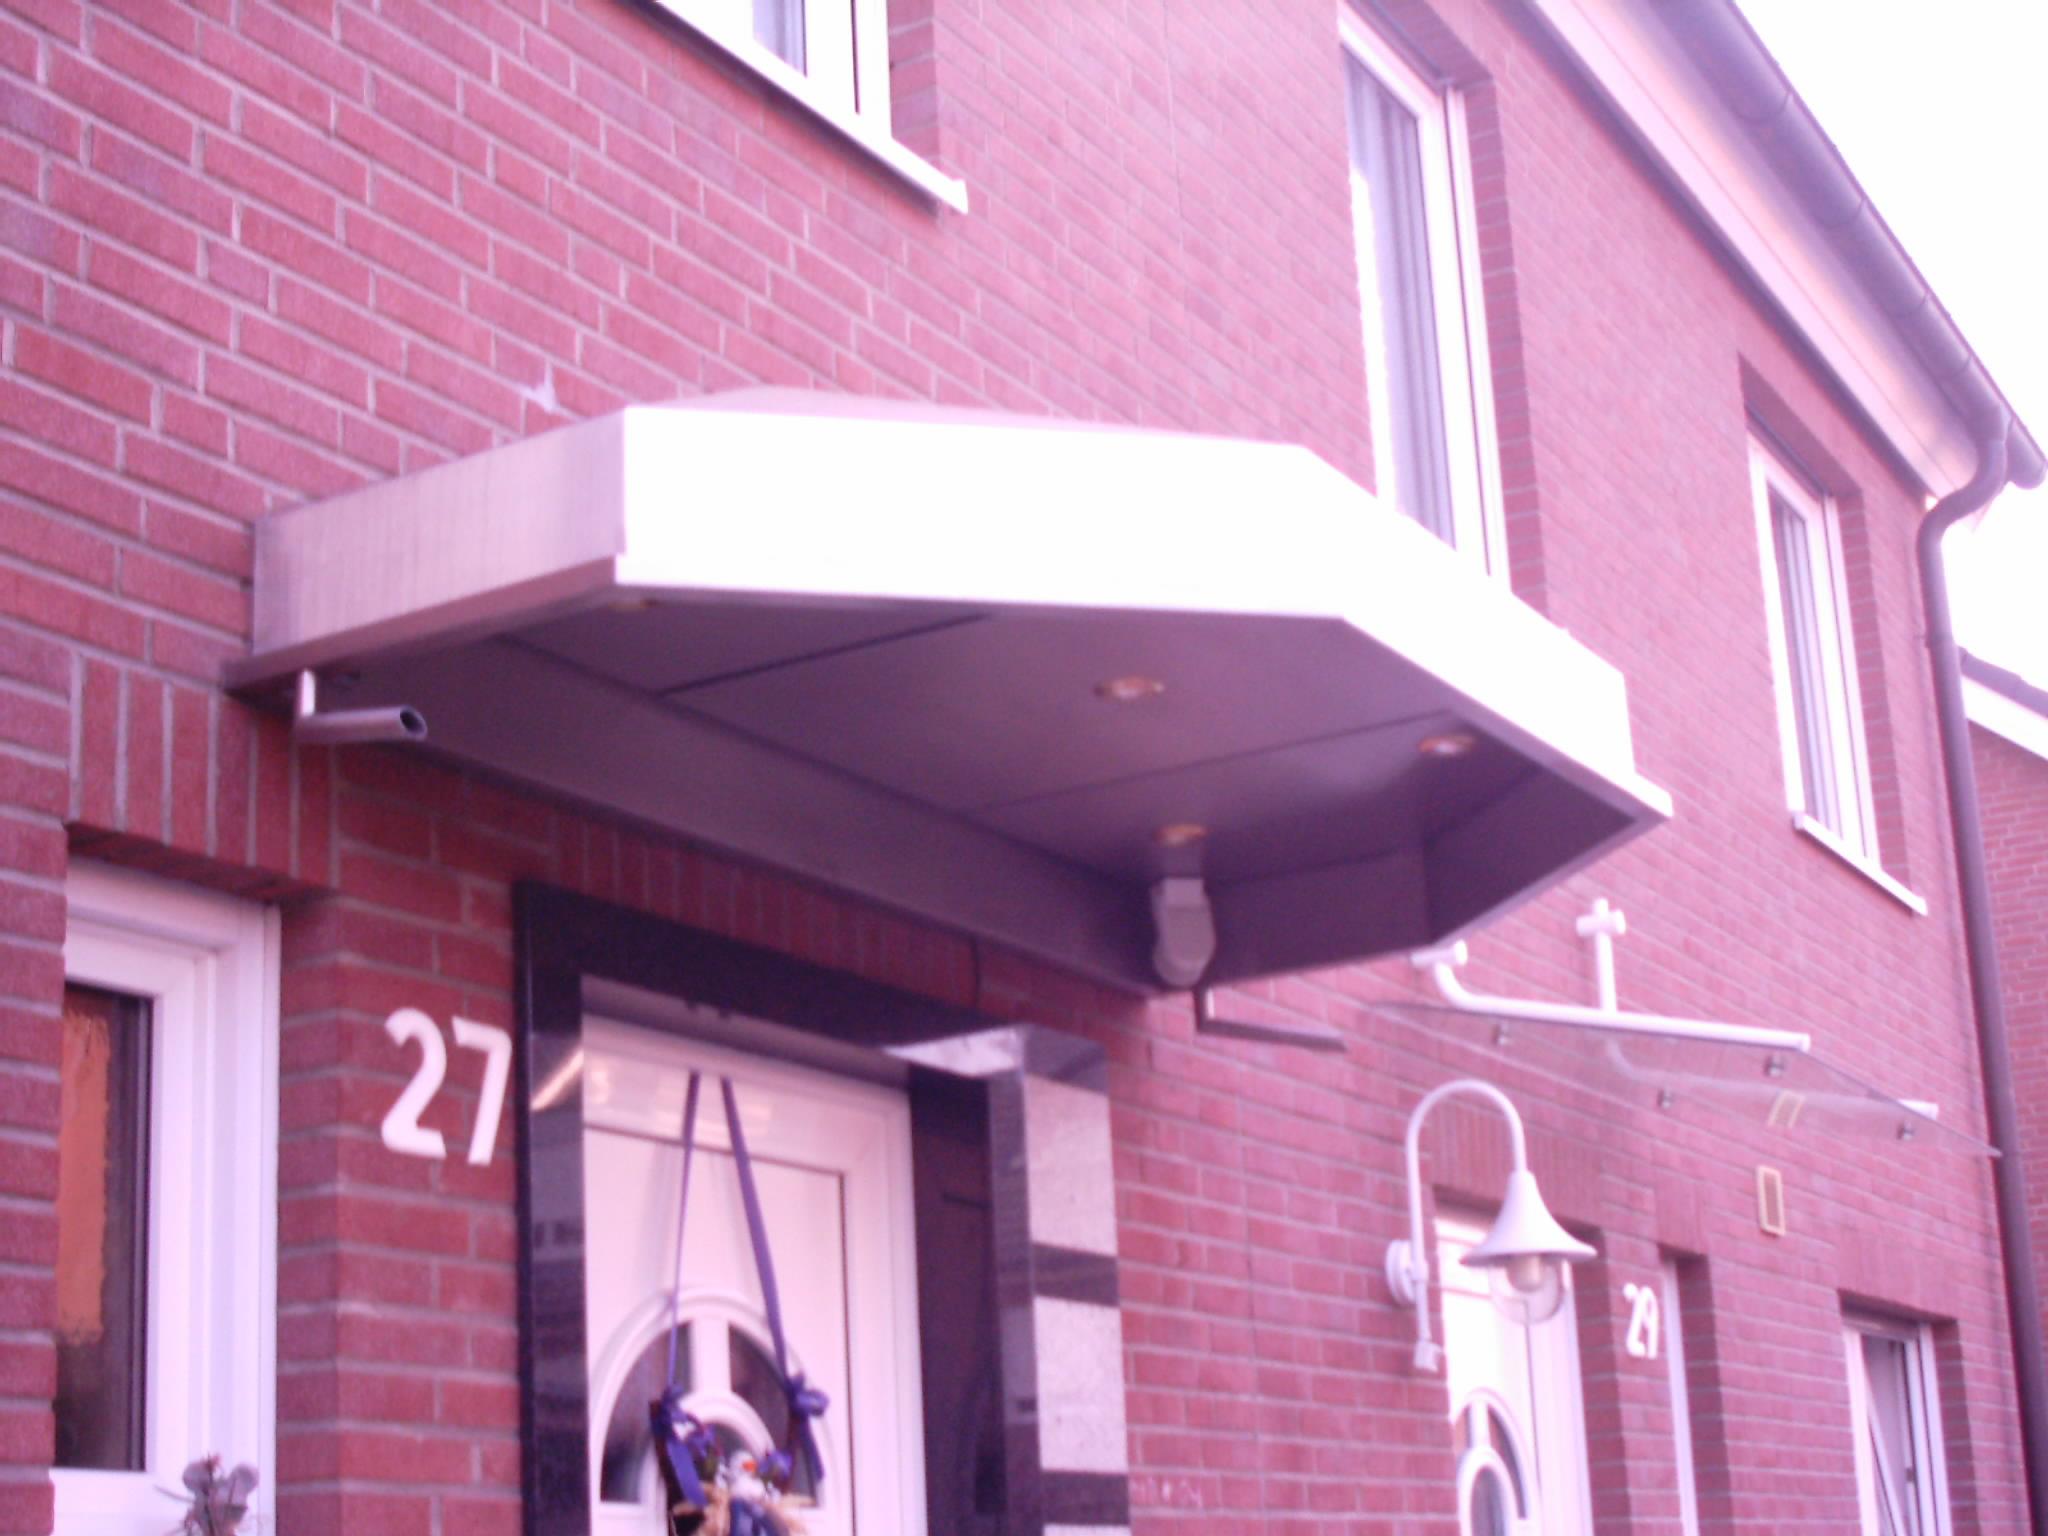 Edelstahl-Vordach mit Beleuchtung + Ablauf